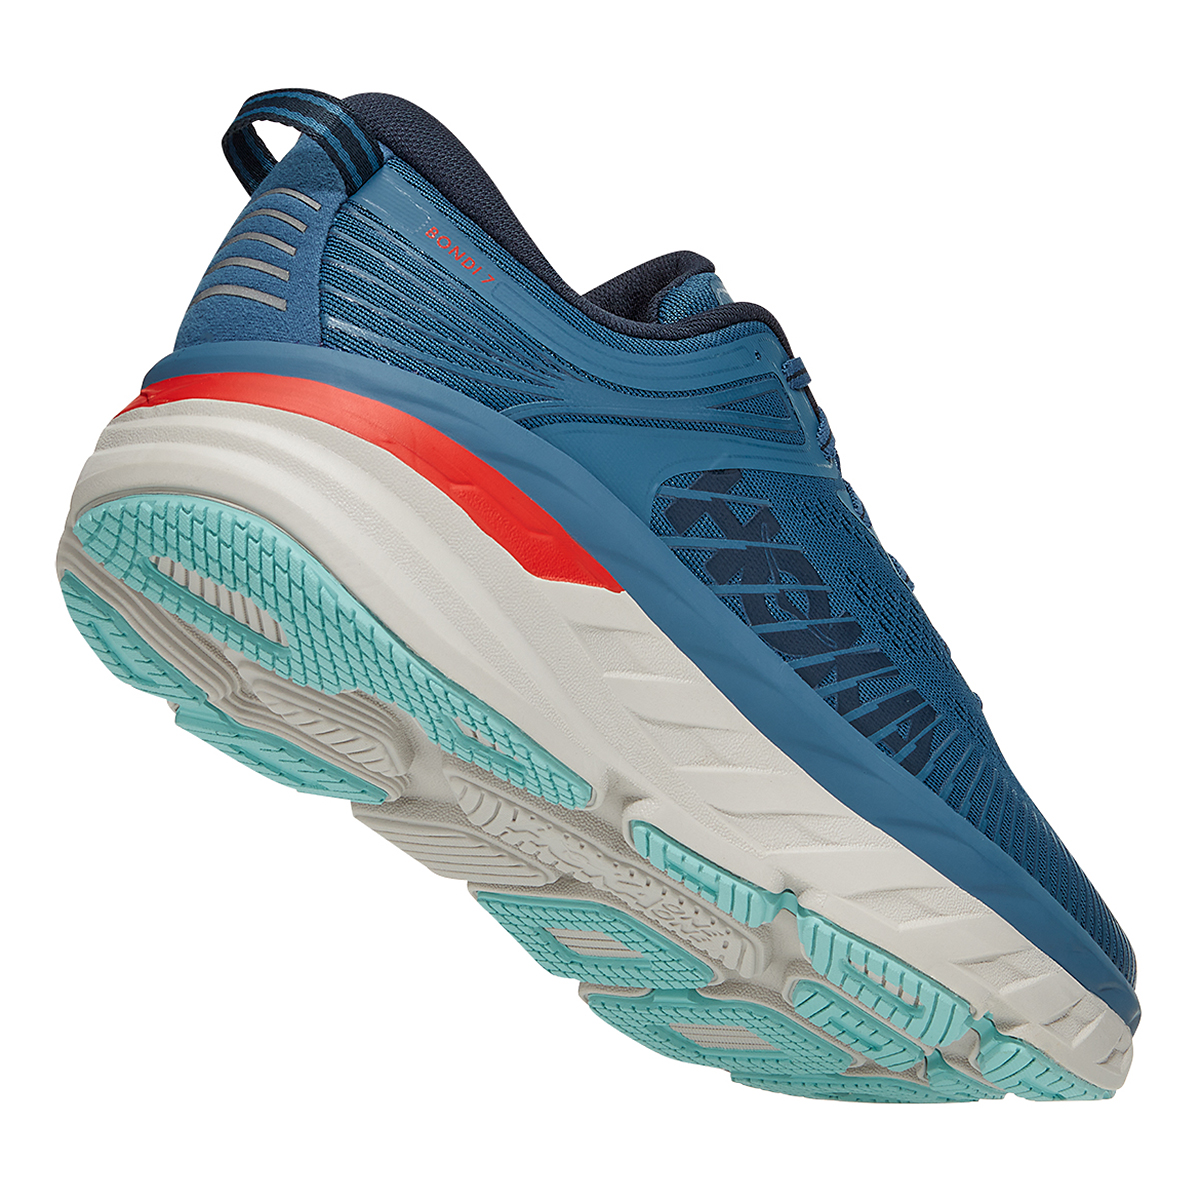 Men's Hoka One One Bondi 7 Running Shoe, , large, image 5